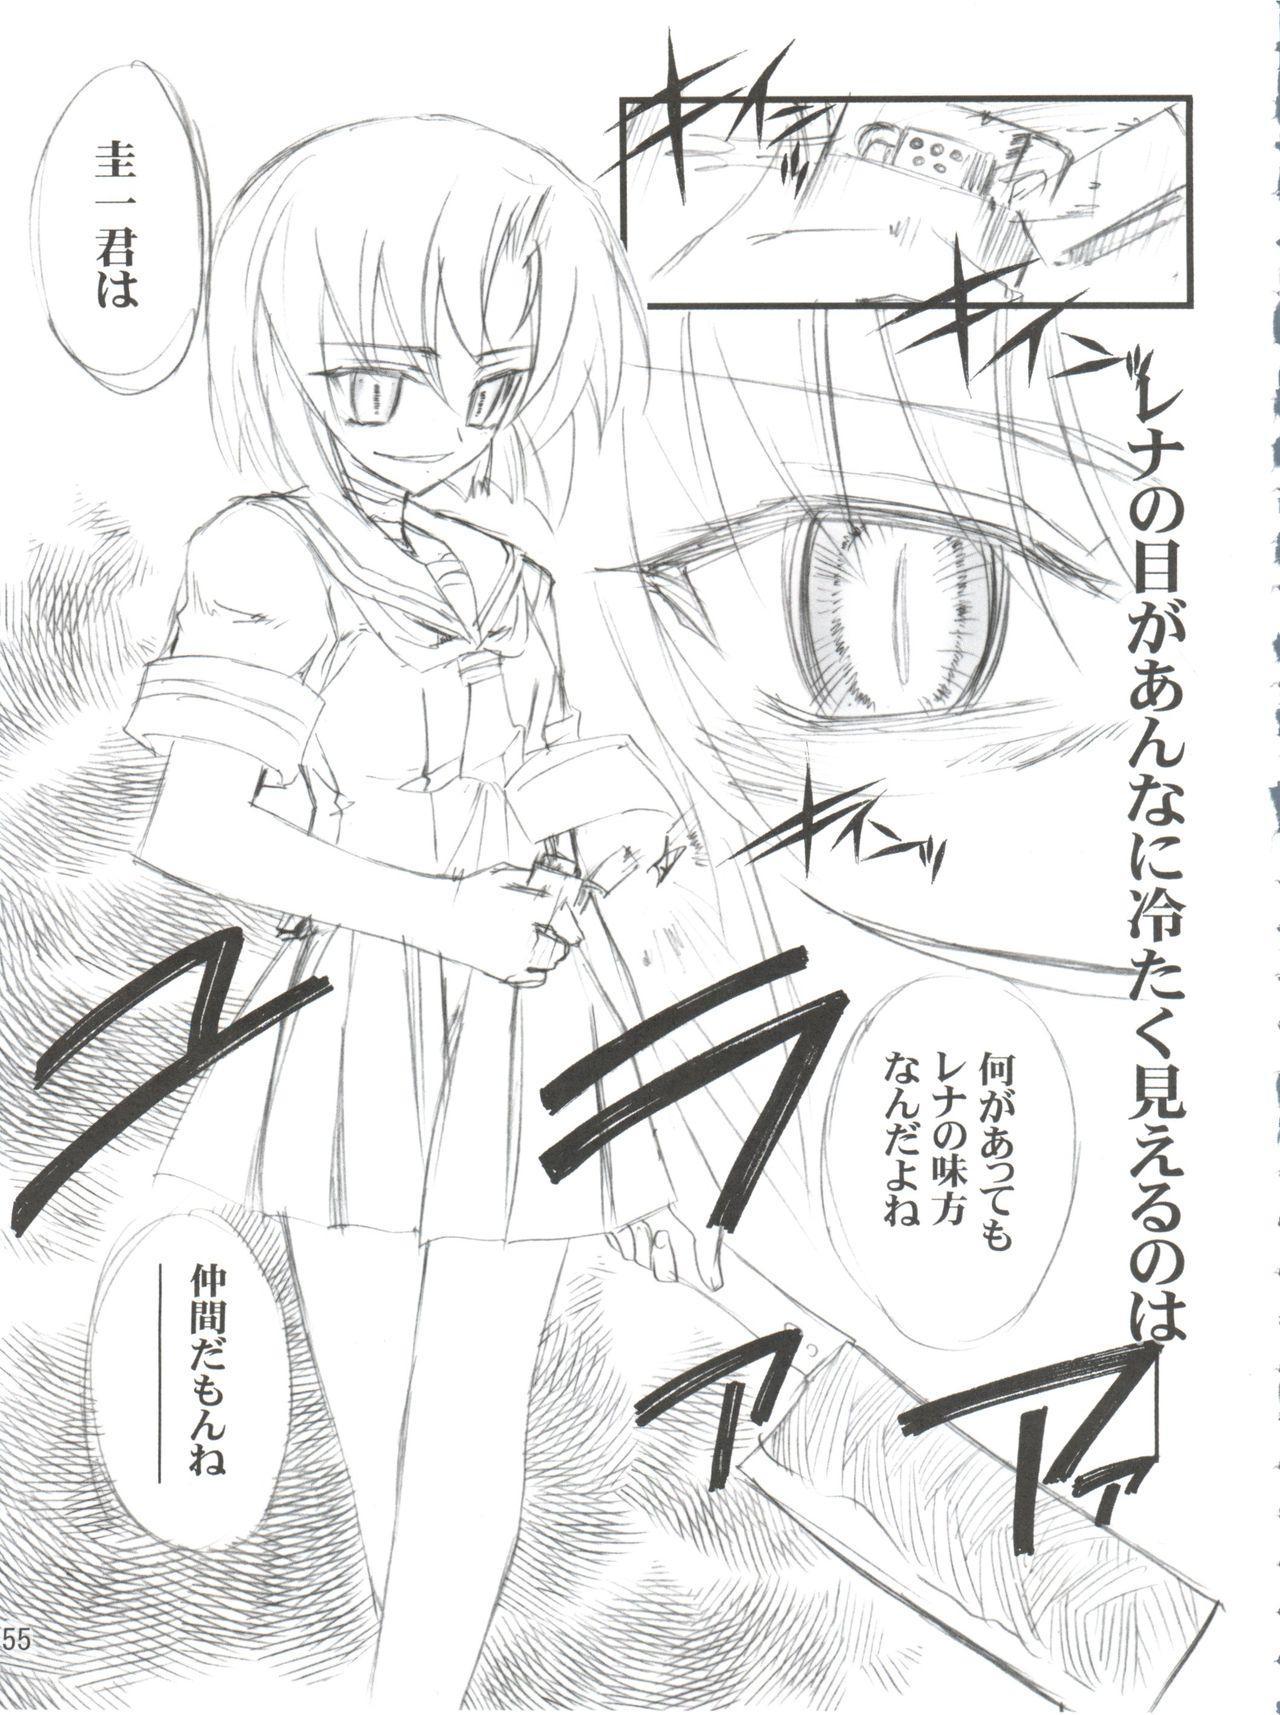 Chikyuu Tokusoutai Kaishaku 53